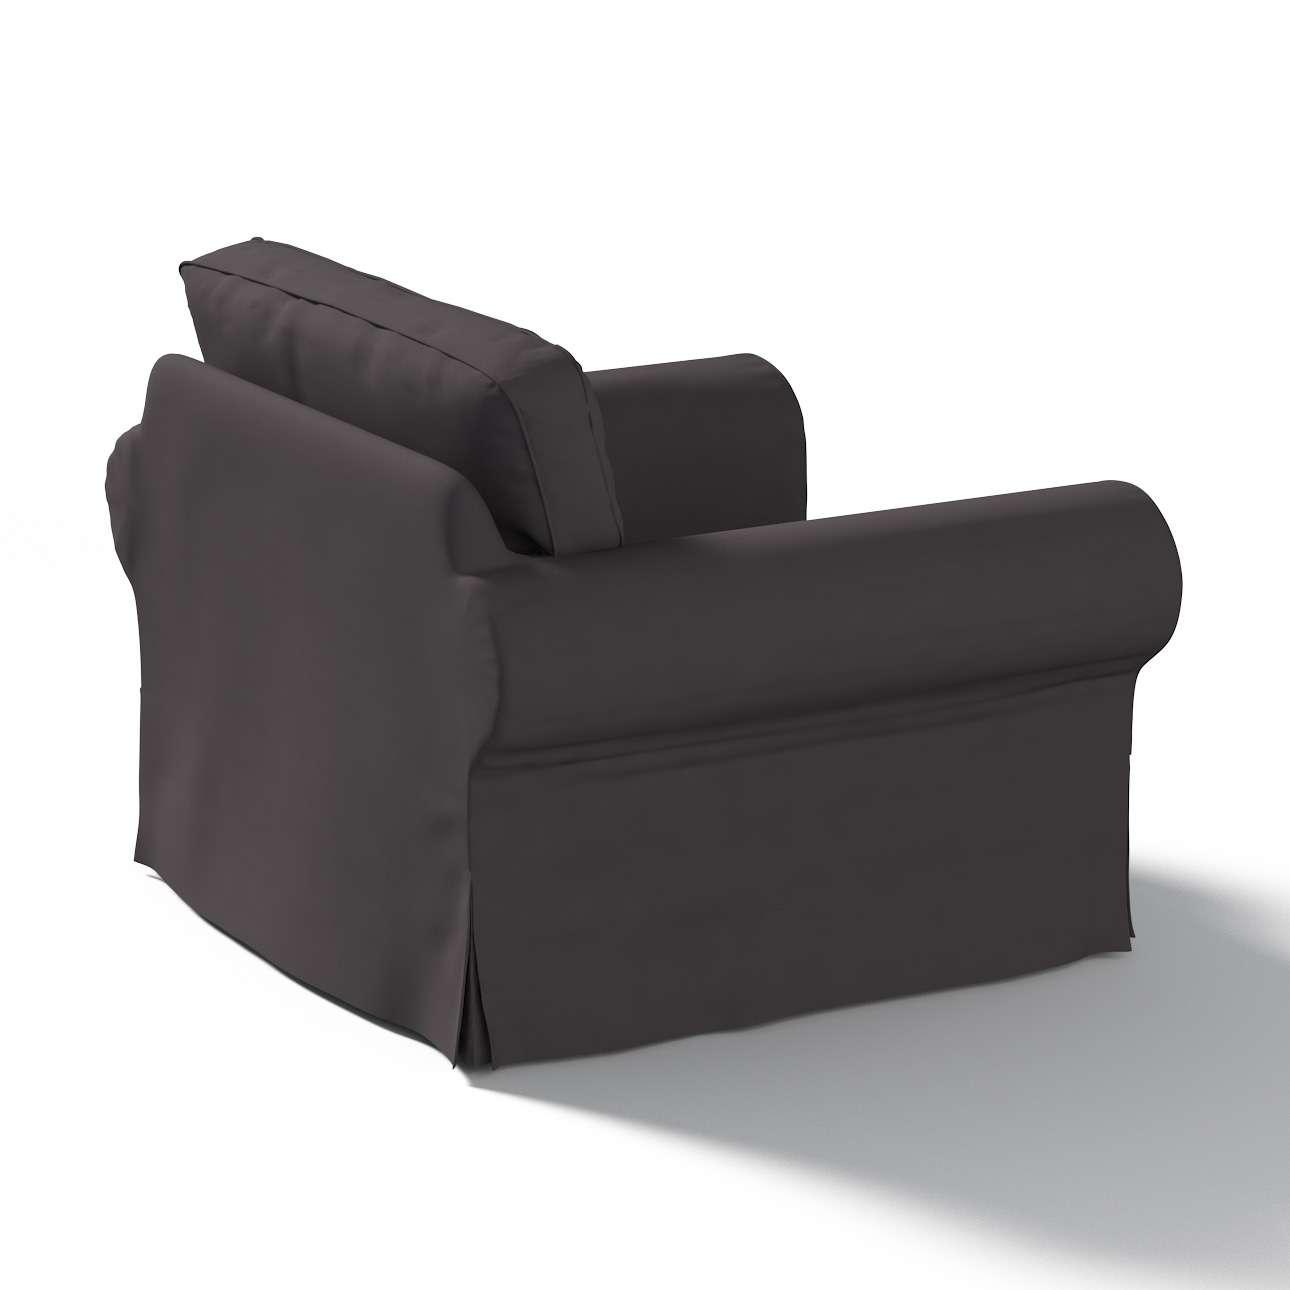 EKTORP fotelio užvalkalas Ektorp fotelio užvalkalas kolekcijoje Cotton Panama, audinys: 702-09